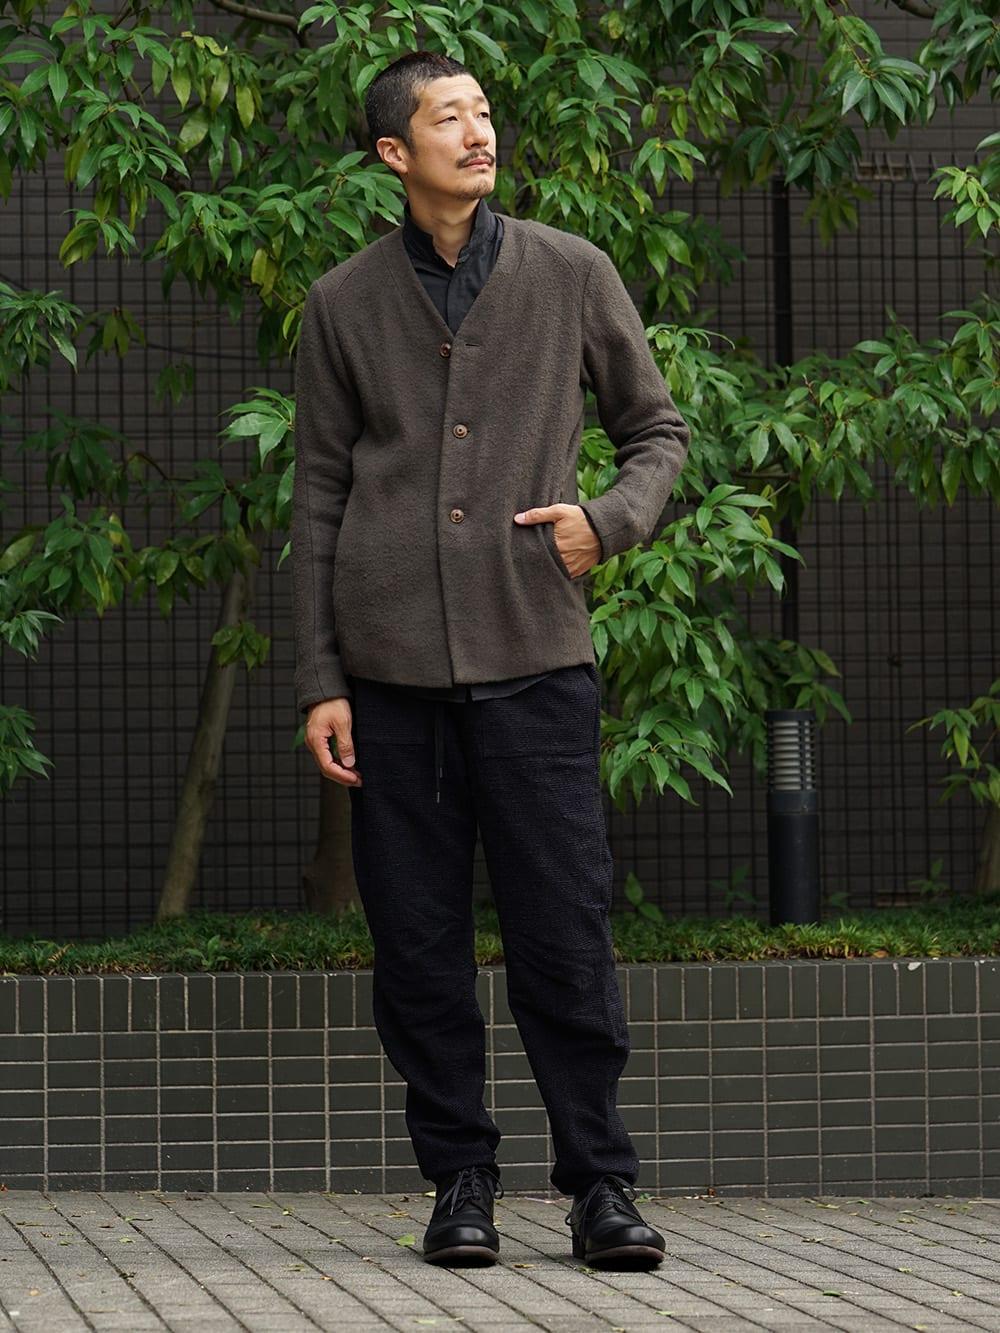 DEVOA 18-19AW Camel / Linen Coat & Jacket style FW18-19-010